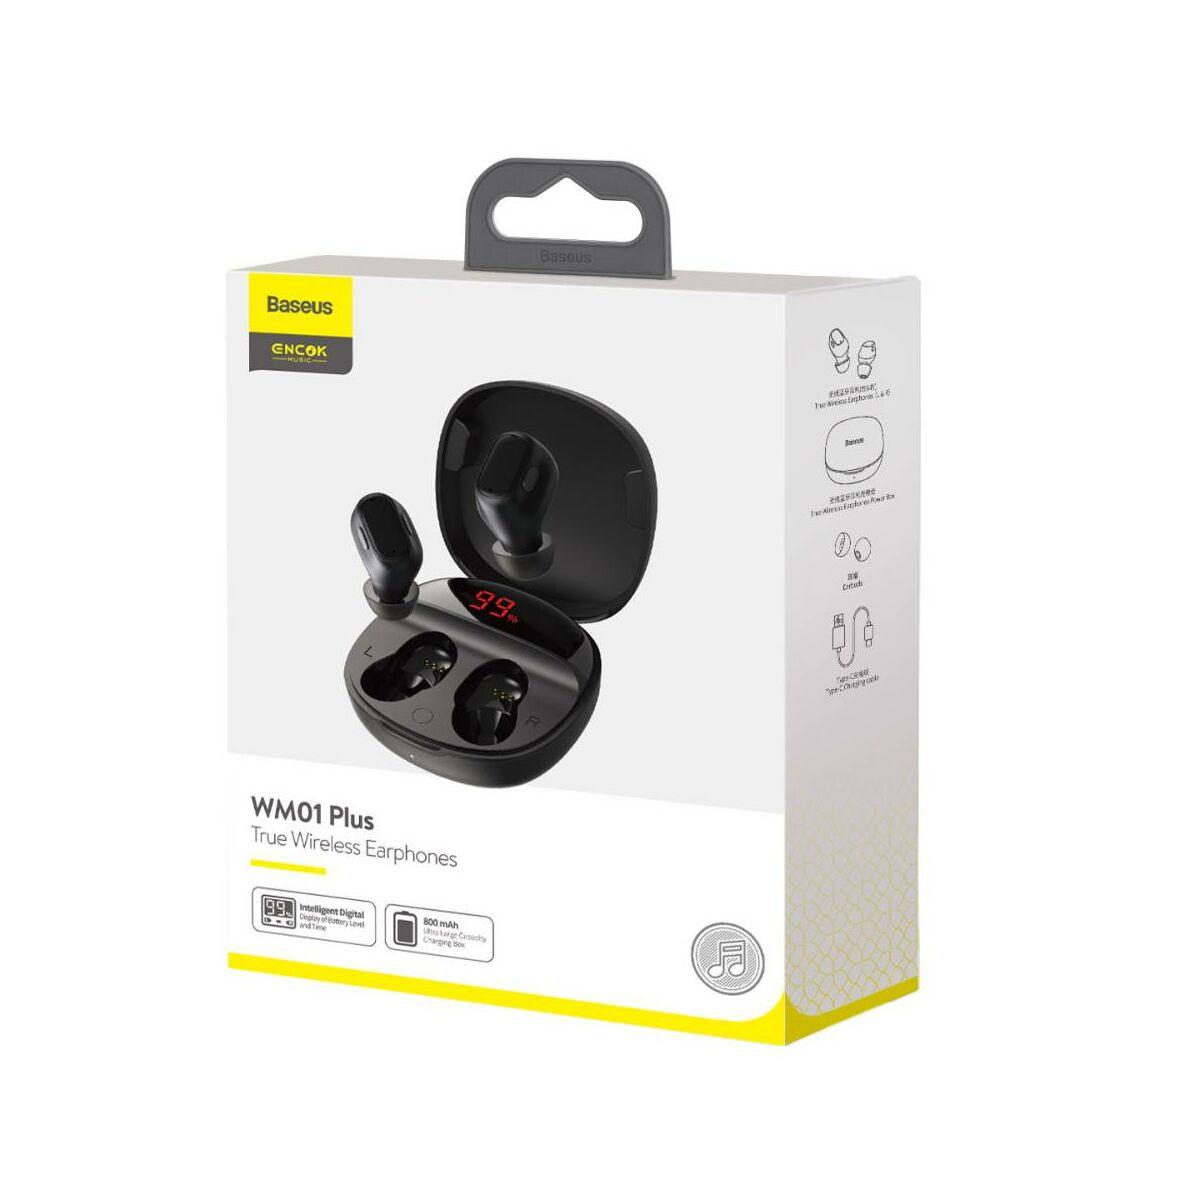 Baseus fülhallgató, Bluetooth Encok WM01 True Wireless, vezeték nélküli, BT 5.0 TWS, akár 10m kommunikációs távolság, fekete (NGWM01P-01)